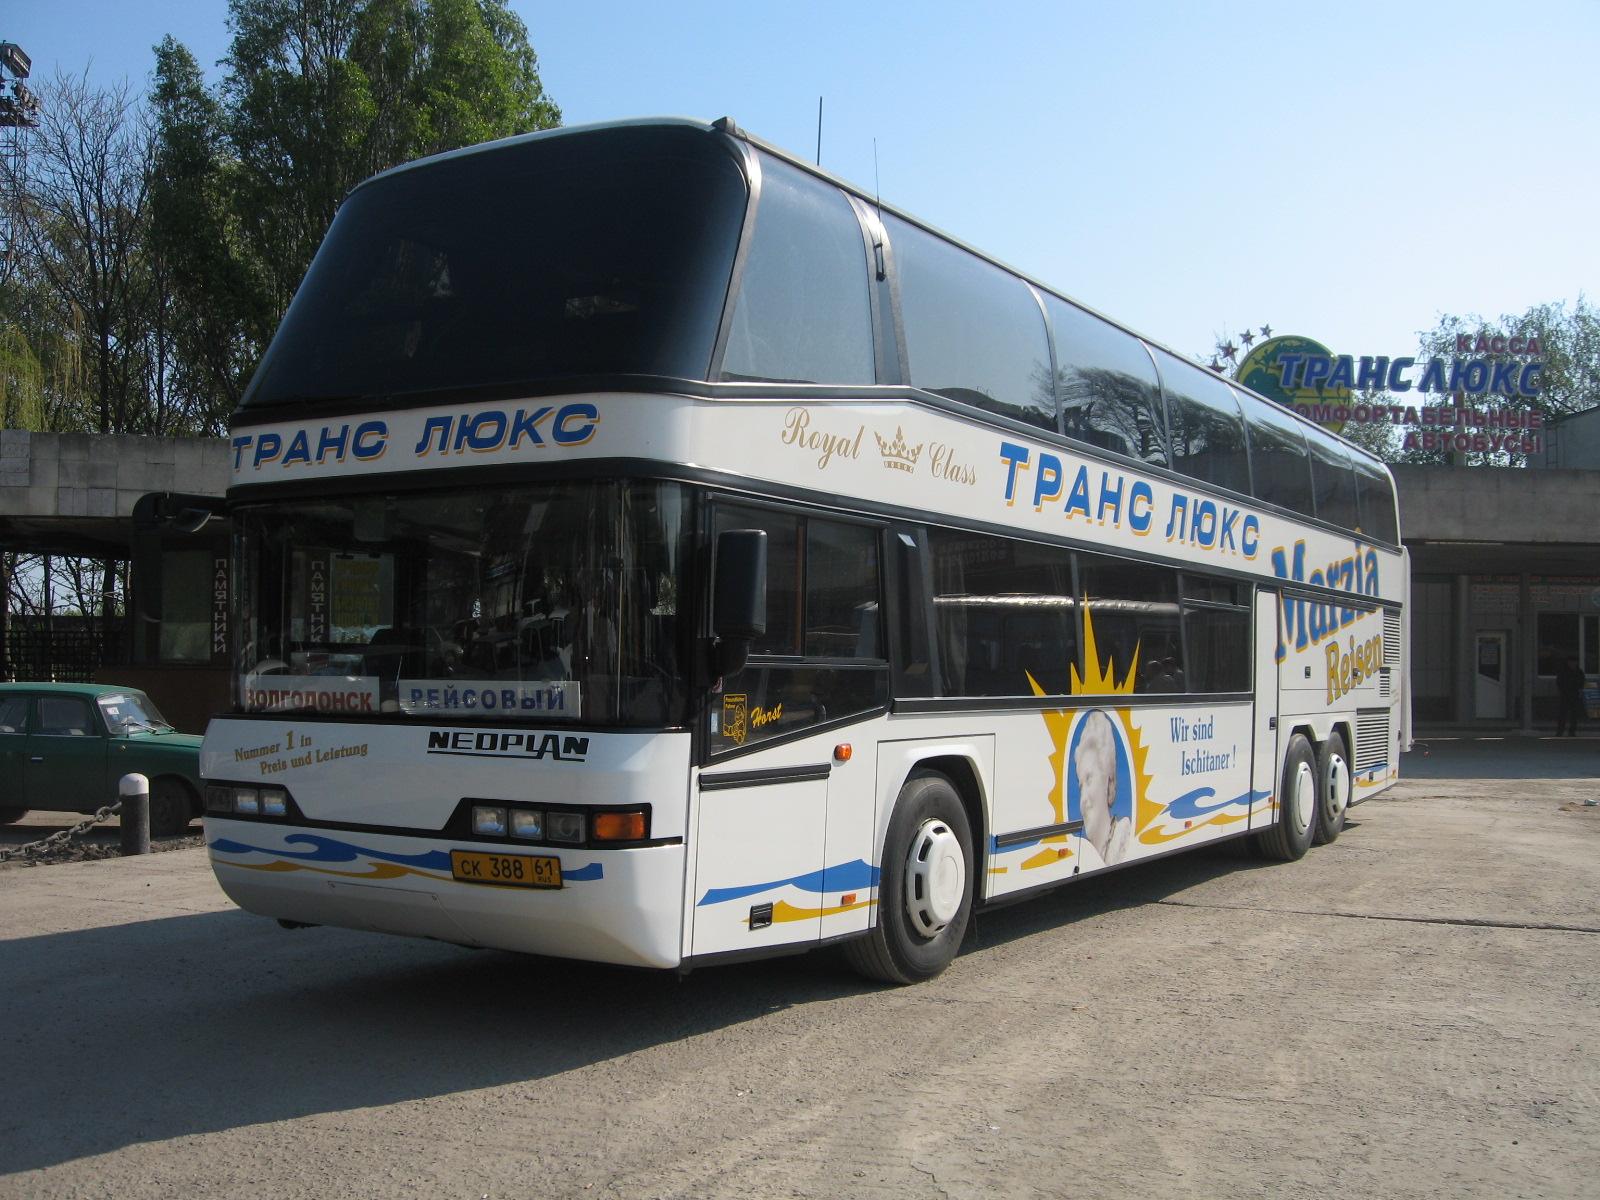 расписание автобусов москва белая калитва транс люкс